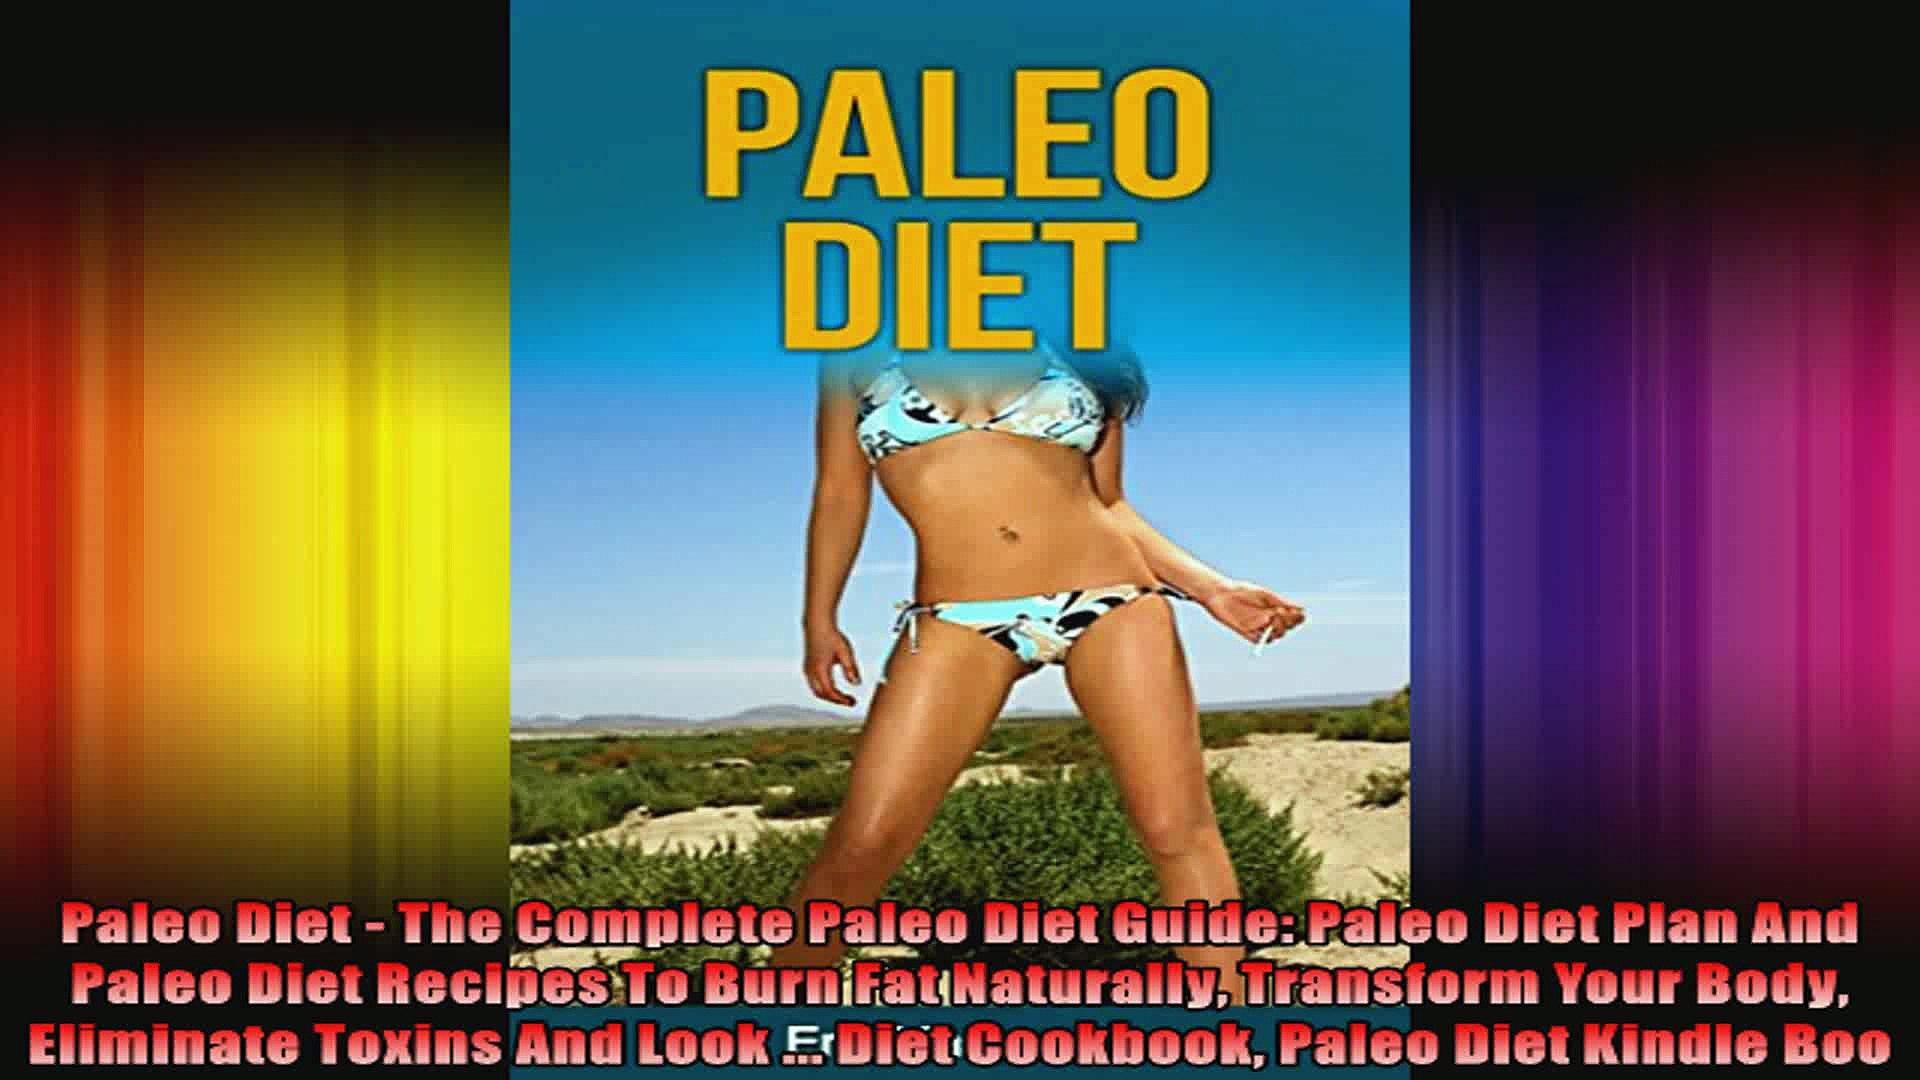 Paleo Diet  The Complete Paleo Diet Guide Paleo Diet Plan And Paleo Diet Recipes To Burn